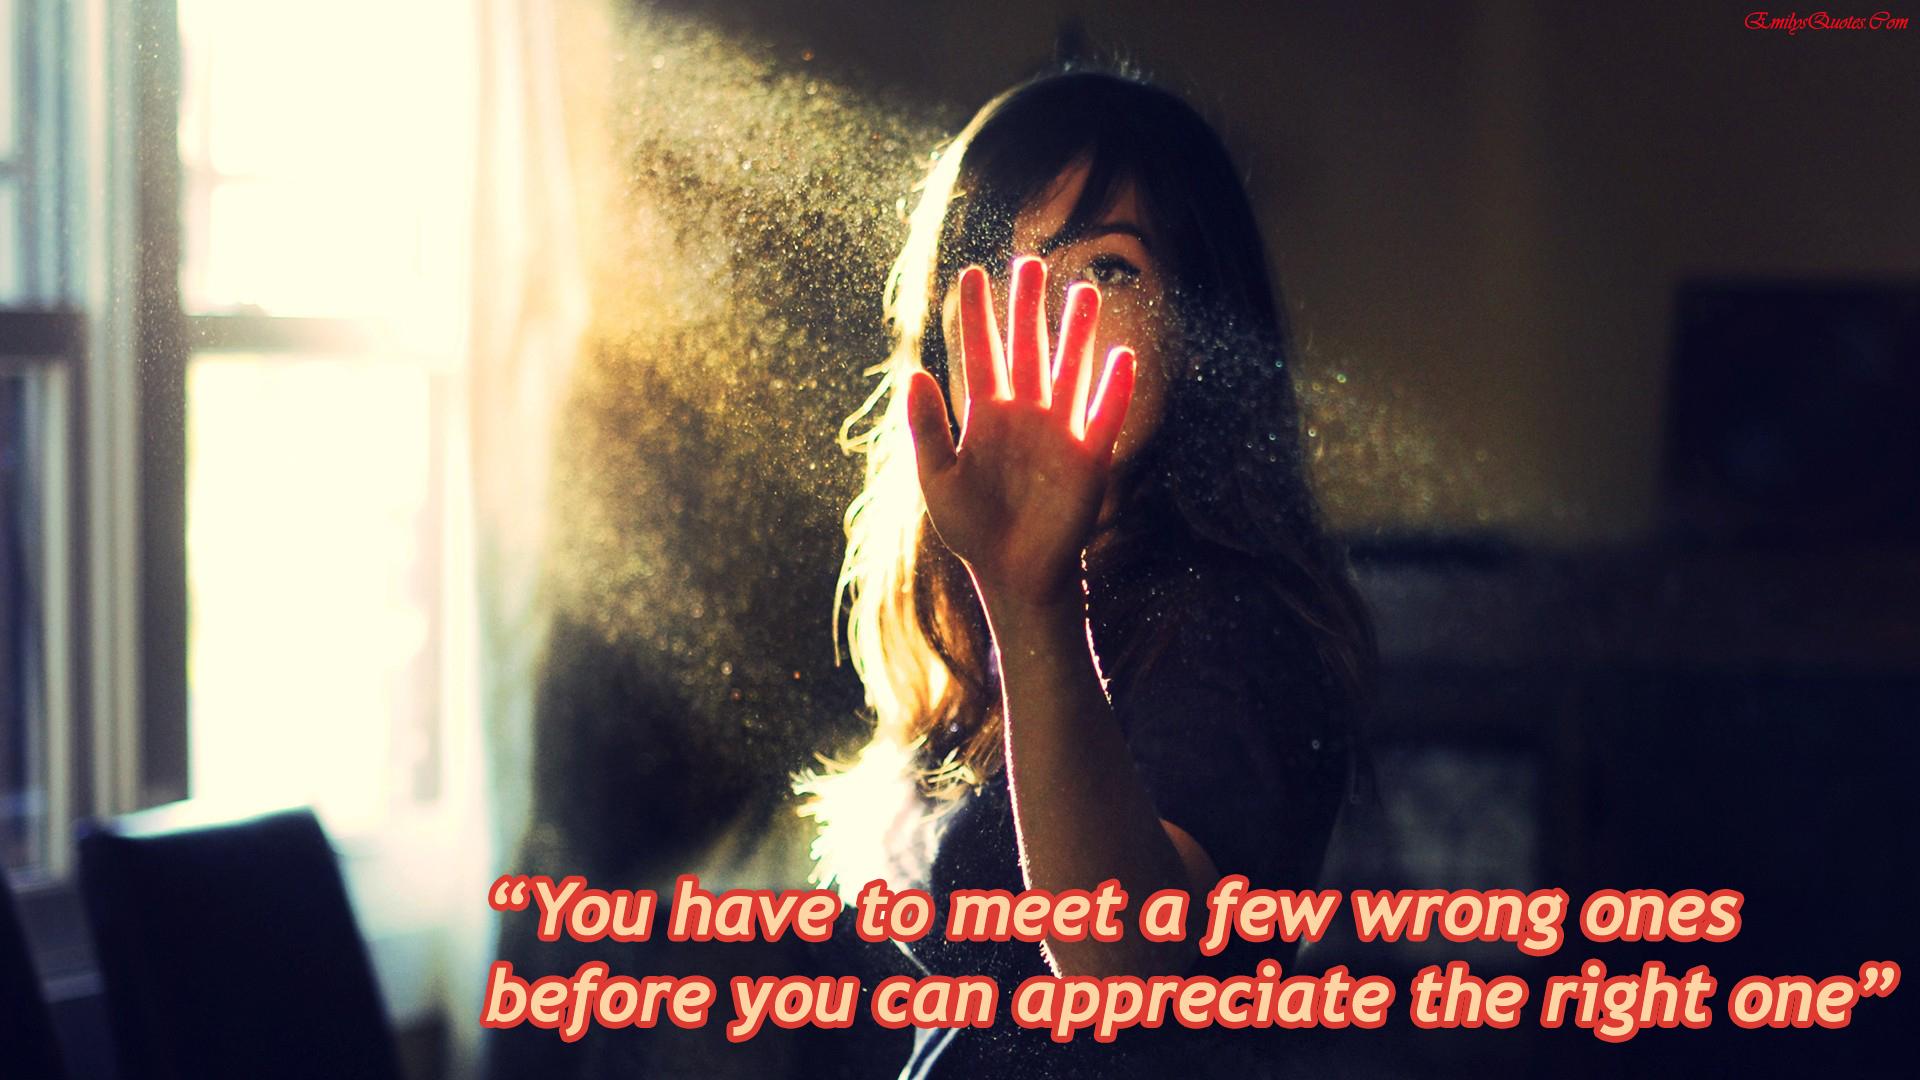 EmilysQuotes.Com - truth, relationship, appreciate